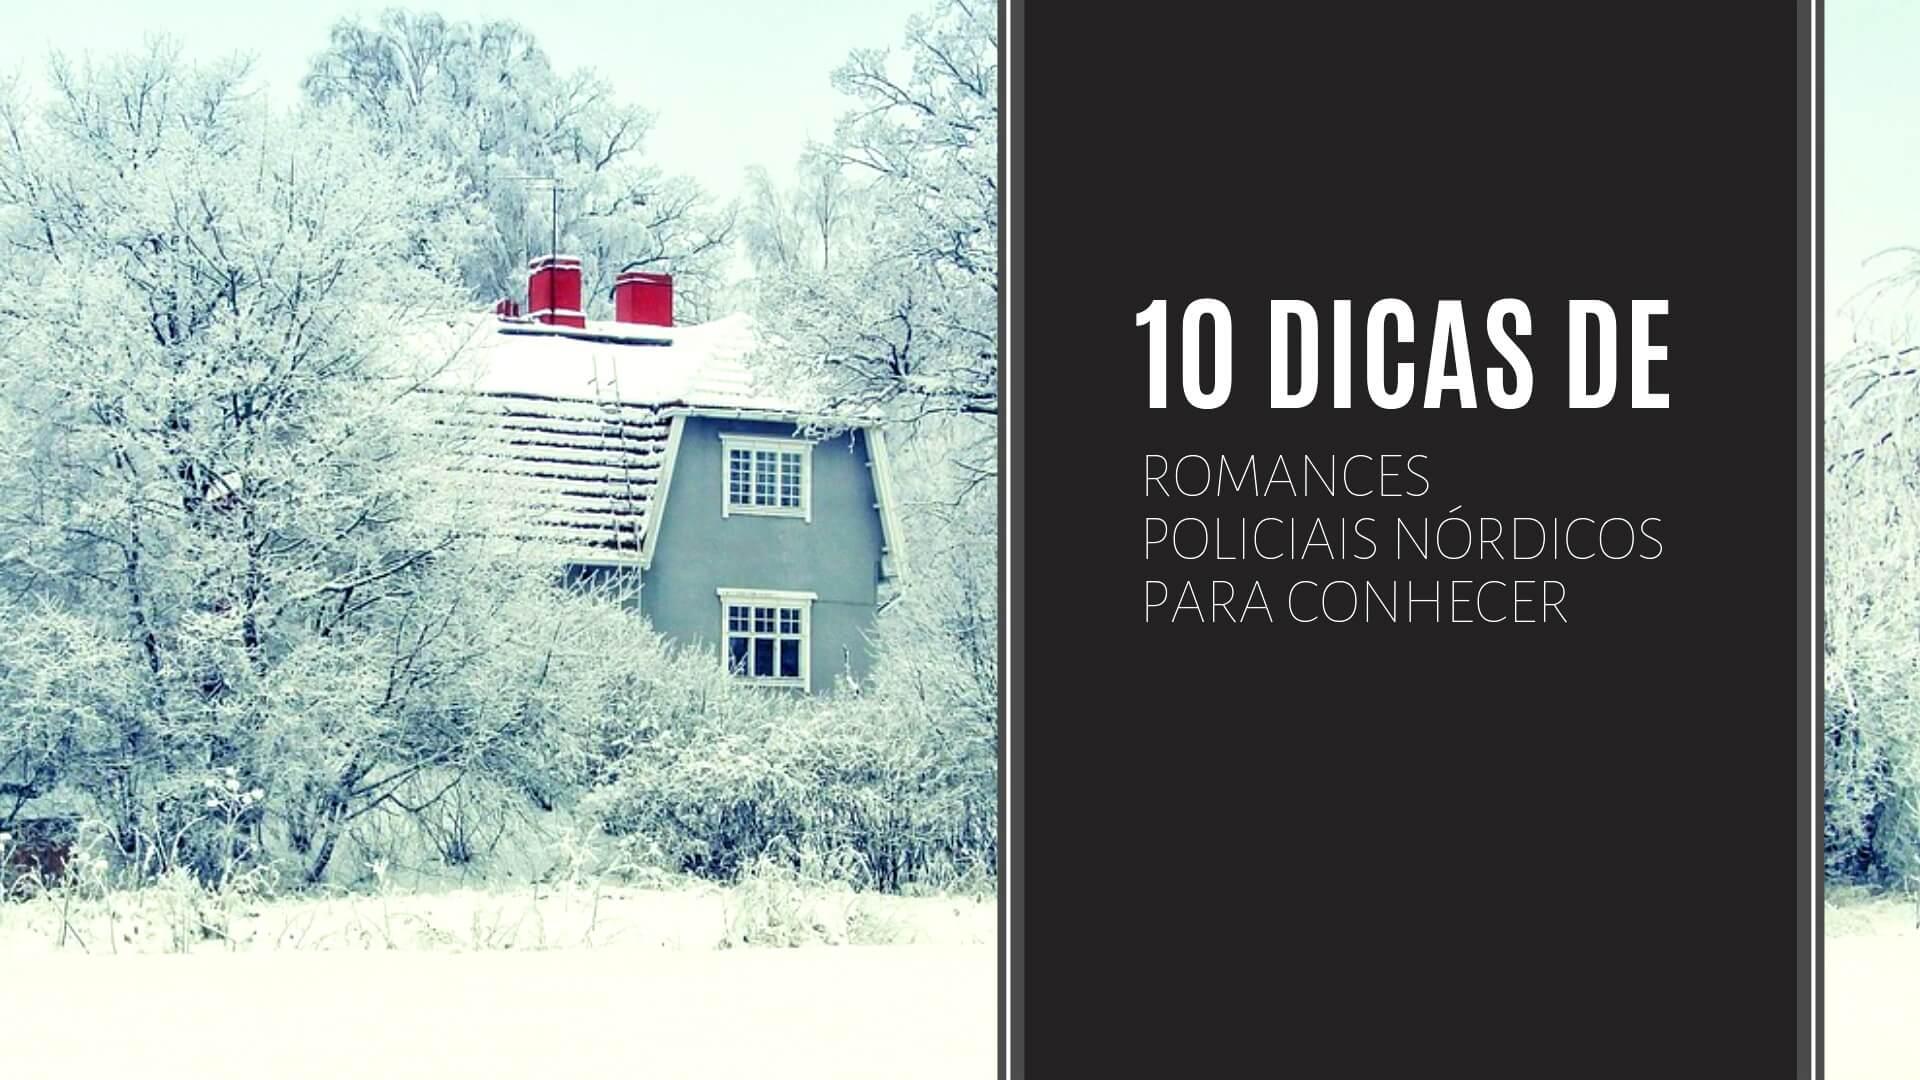 10 dicas de romances policiais nórdicos para conhecer